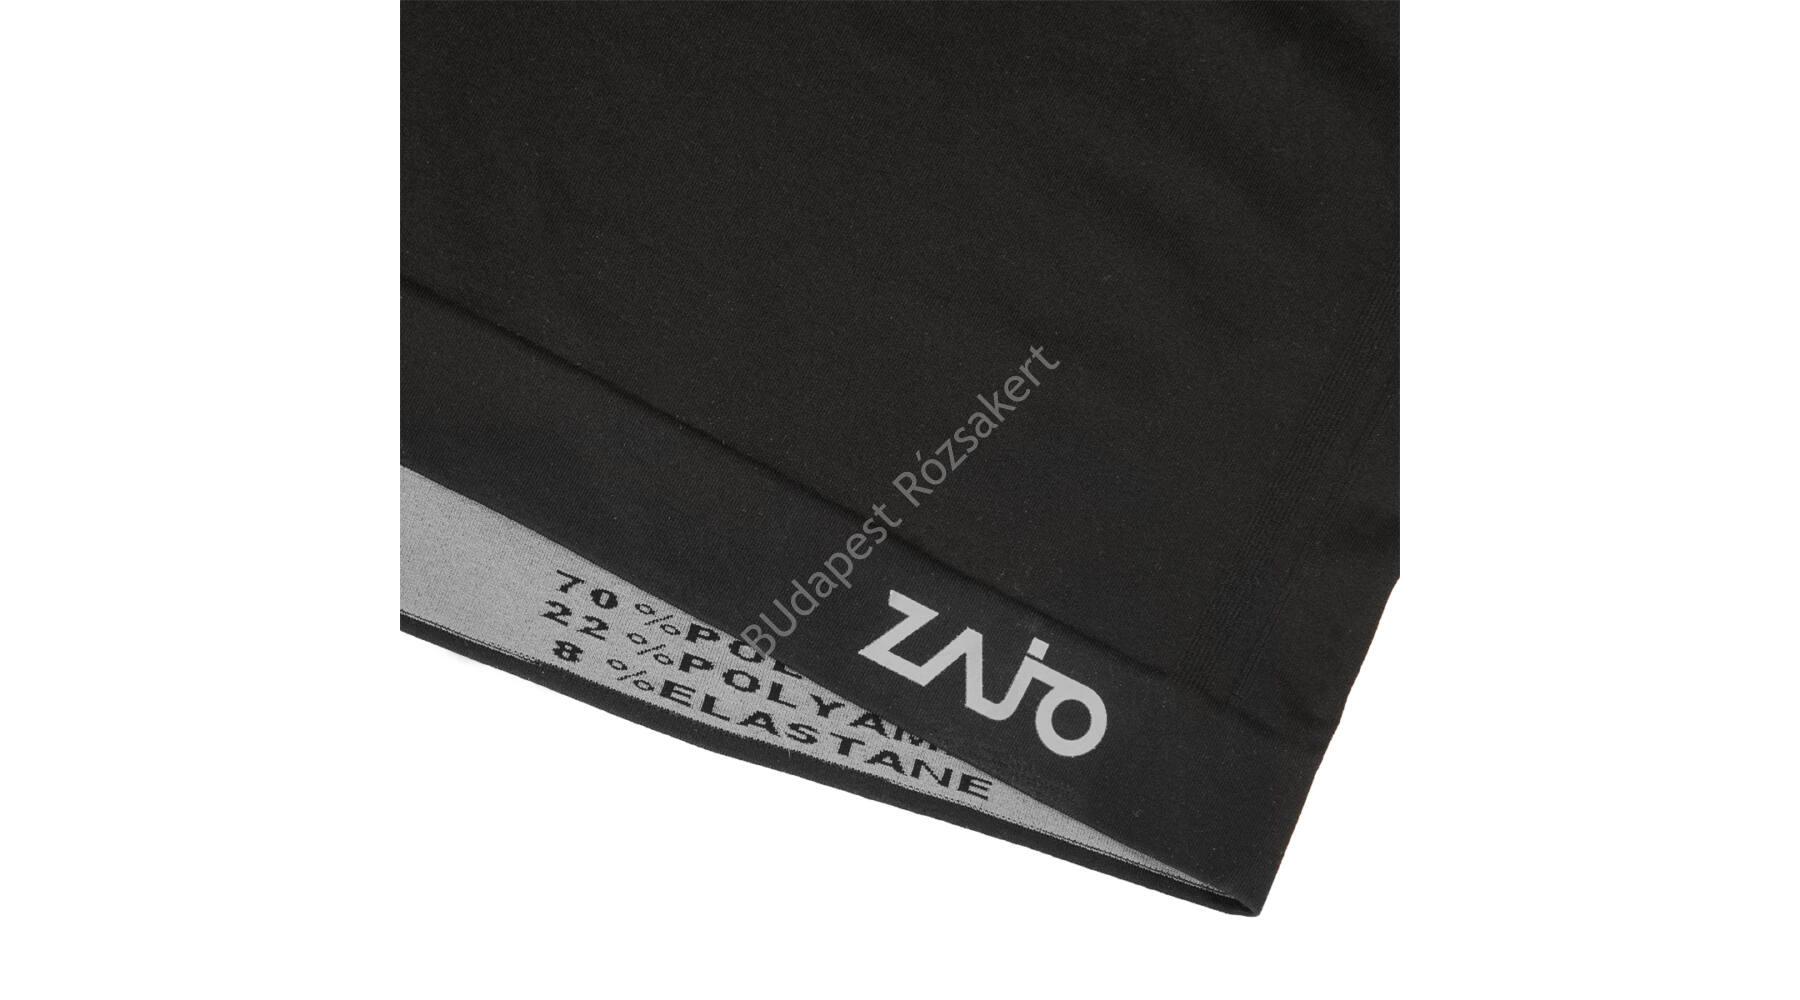 48e5166464 Zajo Contour M T-shirt SS férfi strech aláöltözet felső, fekete - a ...